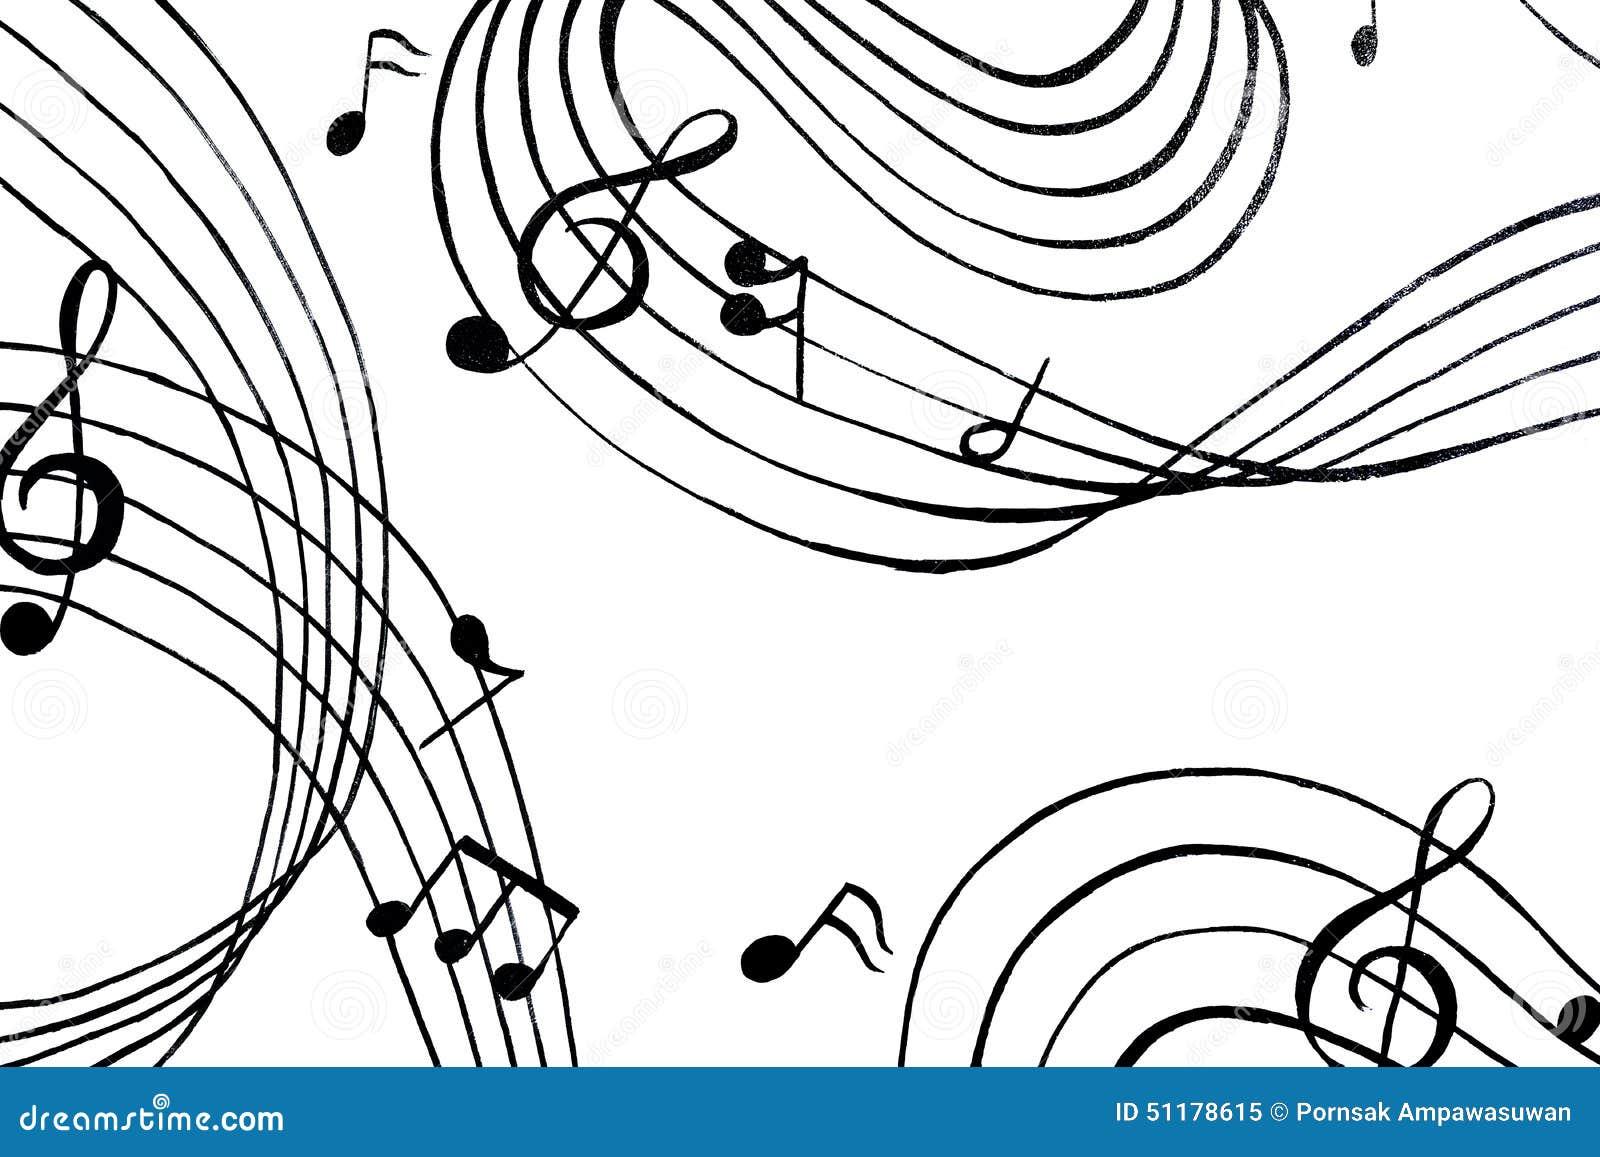 Aflutter of musical chords a illustration stock illustration royalty free illustration download aflutter of musical chords hexwebz Image collections